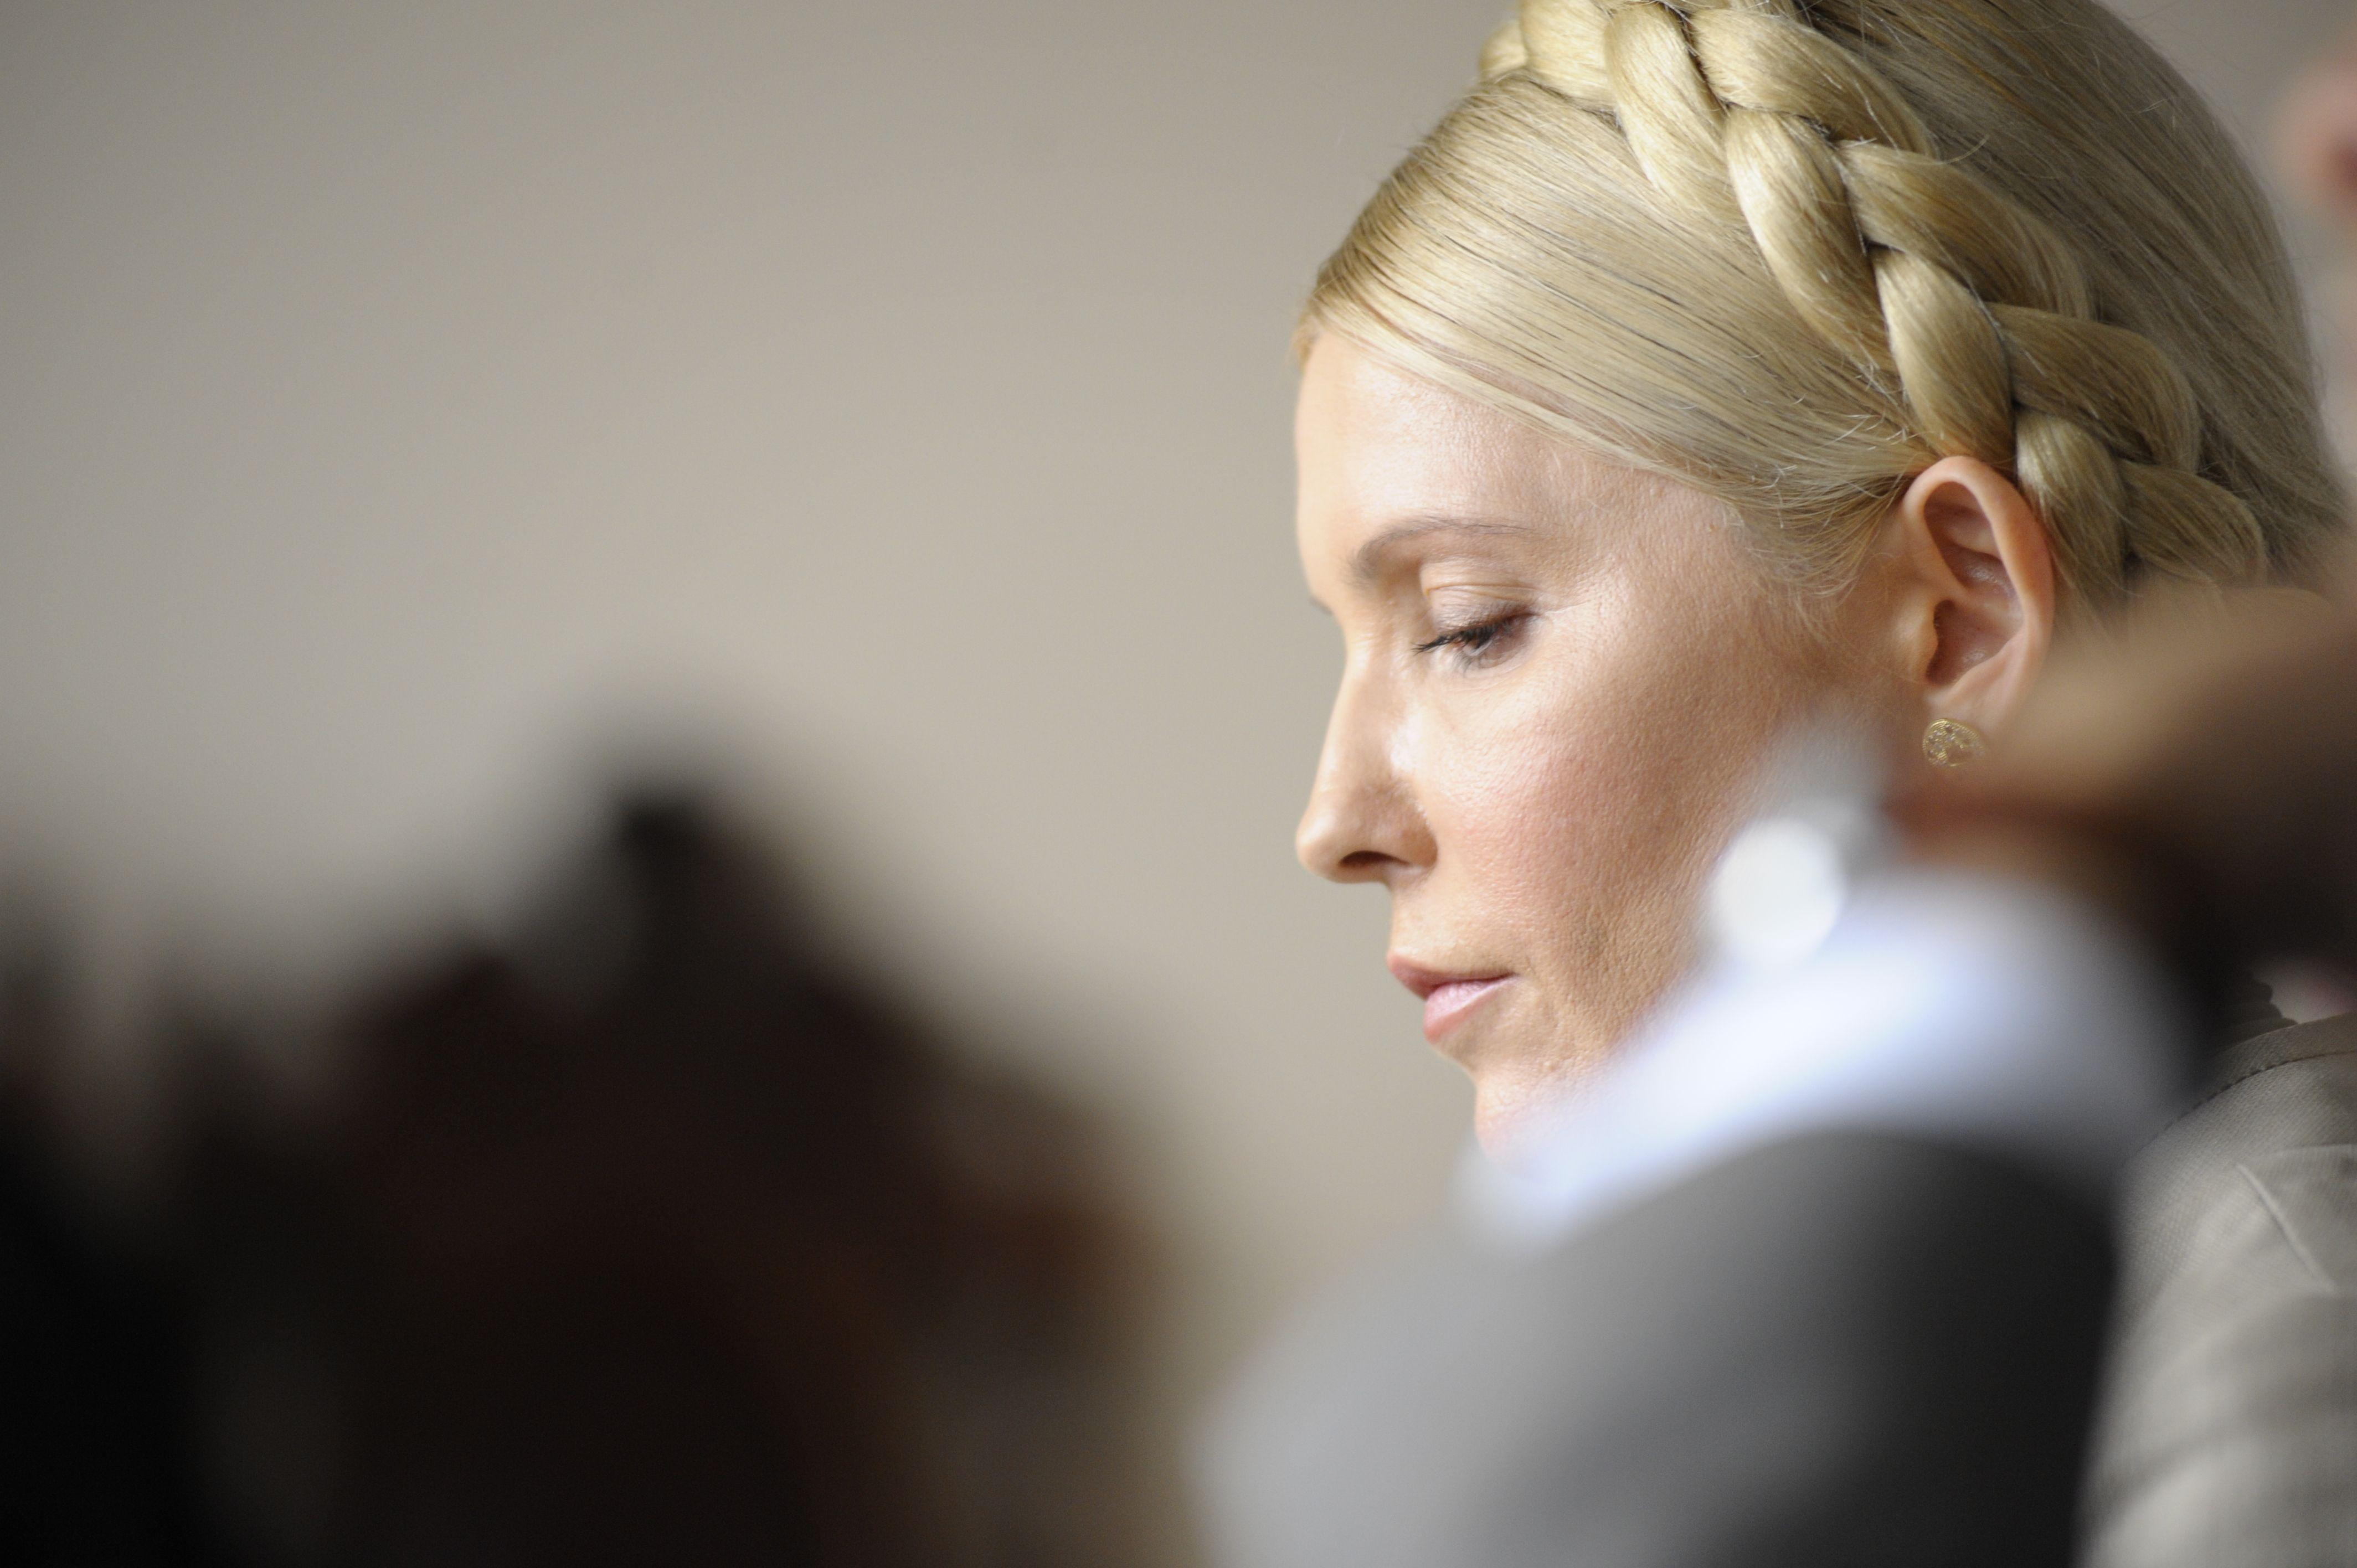 Юлія Тимошенко все ж таки приїде в Рівне. У зв'язку з надзвичайними подіями на сході України, загостренням антидержавних заворушень, Юлія Тимошенко ледь не скасувала поїзд до Рівненської області 30 квітня